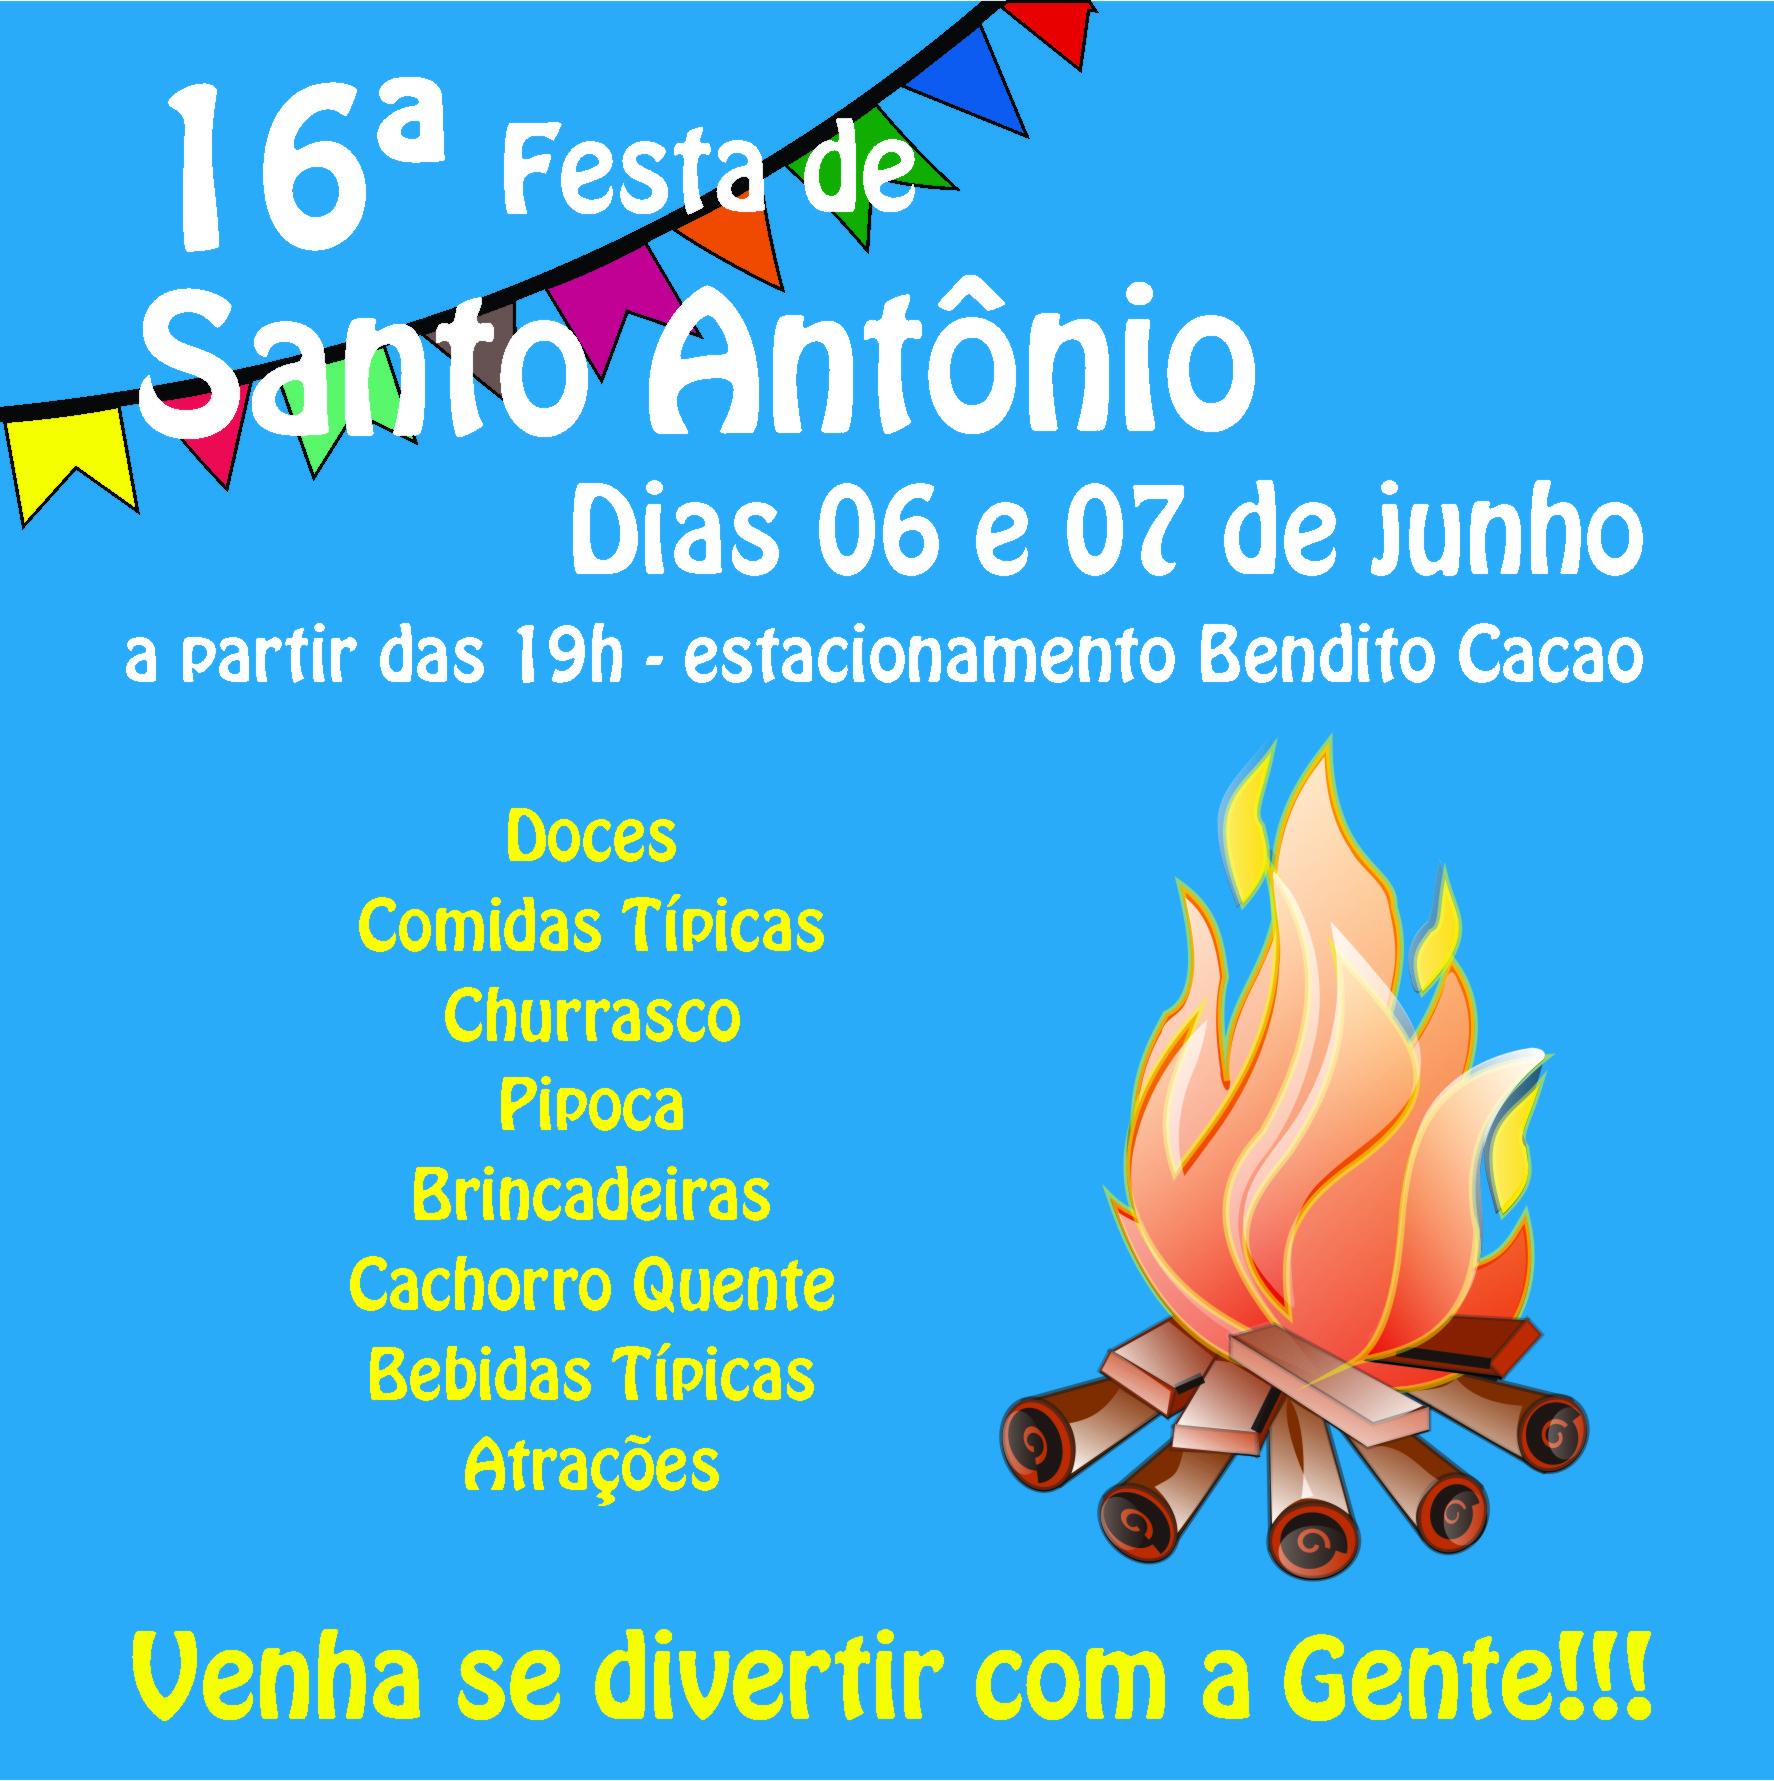 ... tudo que uma boa Festa de Santo Antônio deve ter 06a8cdf2db2